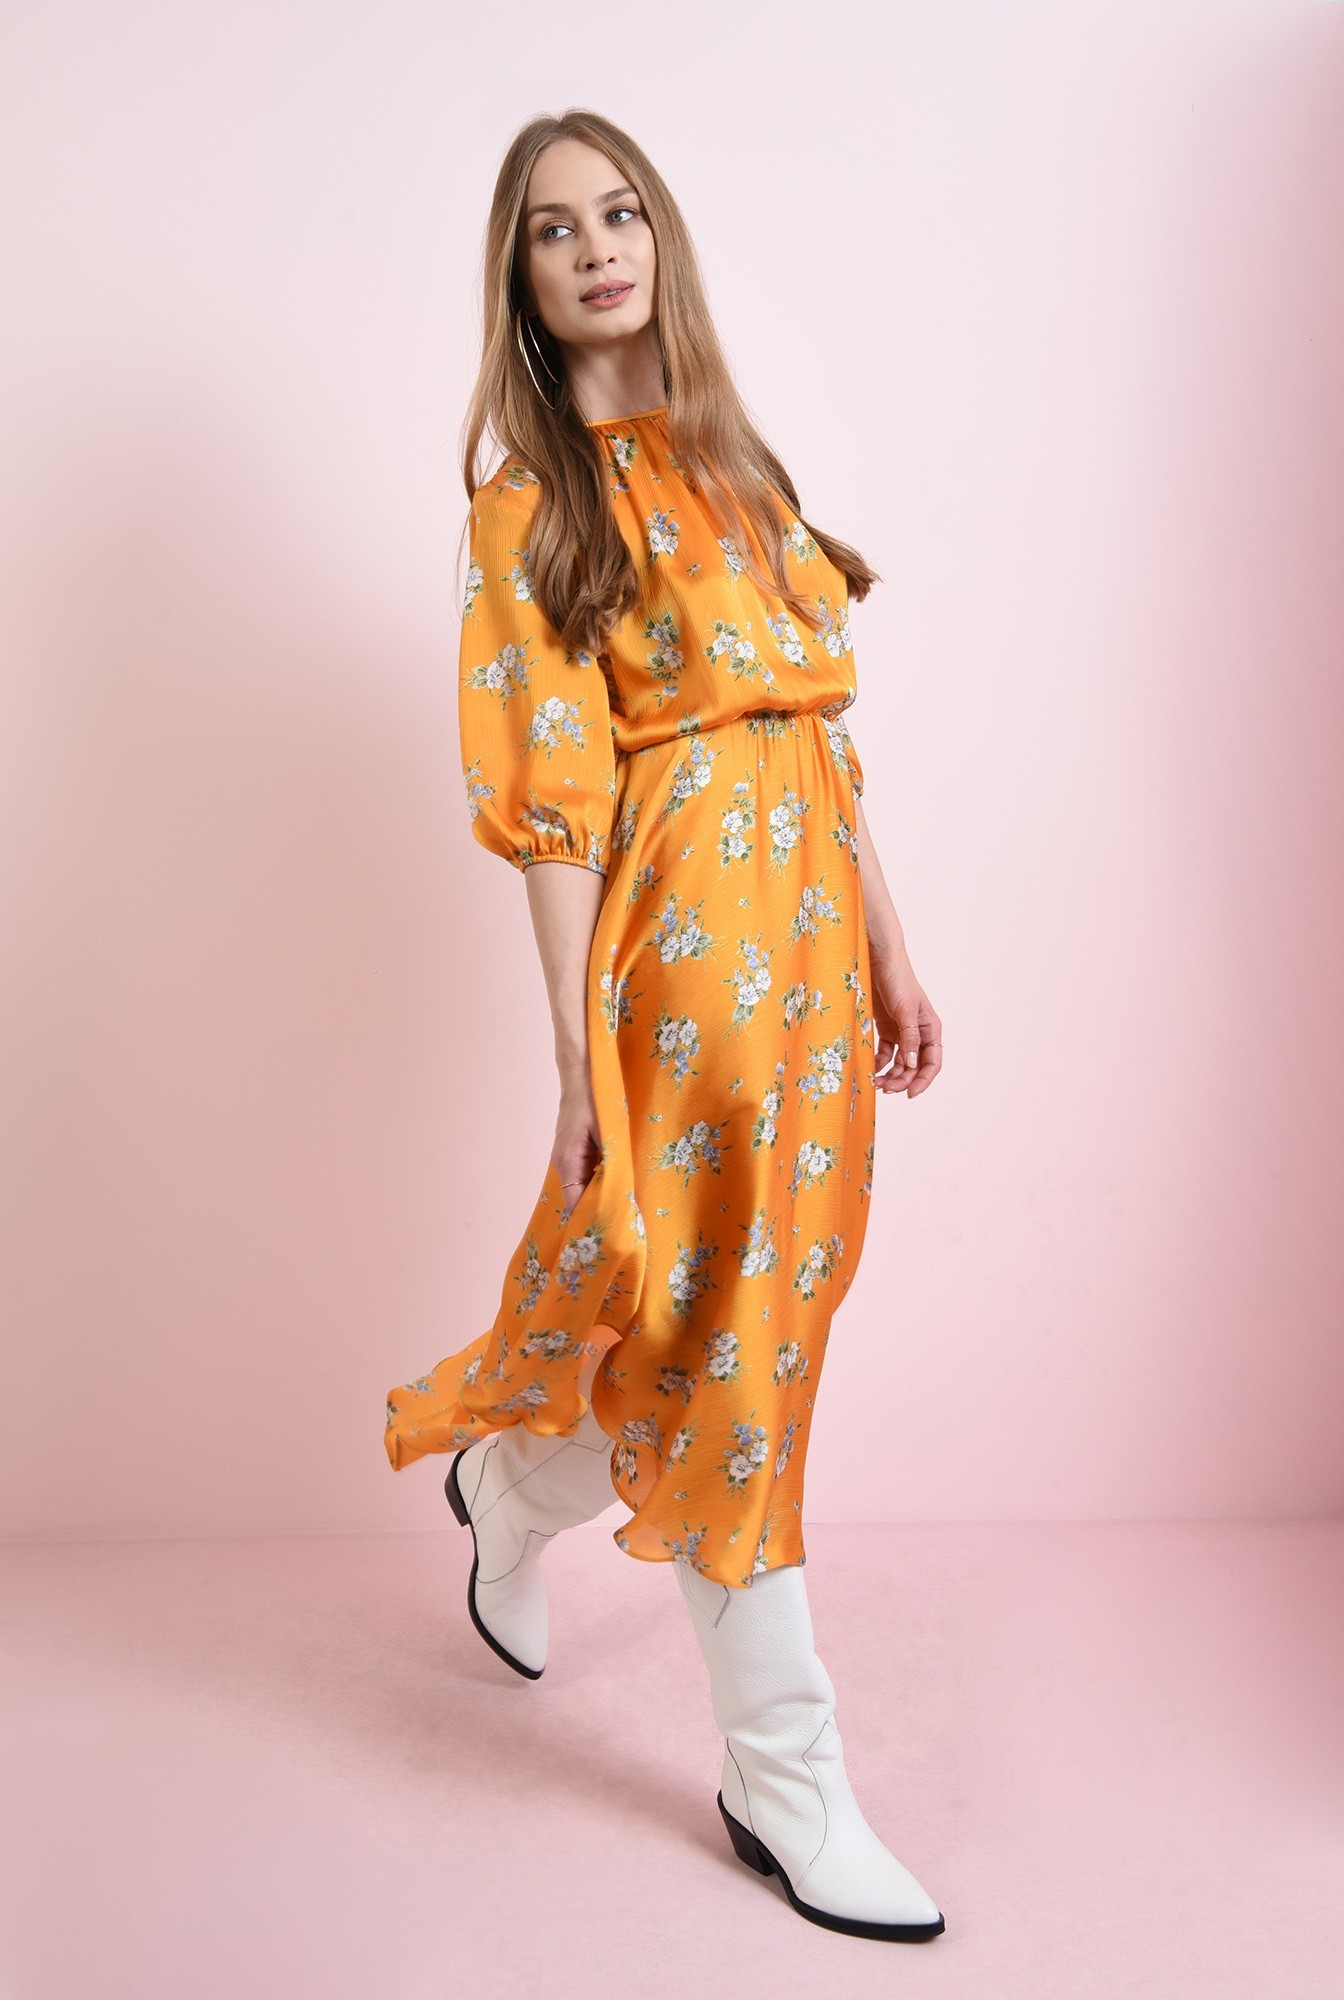 1 - rochie cu flori, mustar, cu maneca lunga